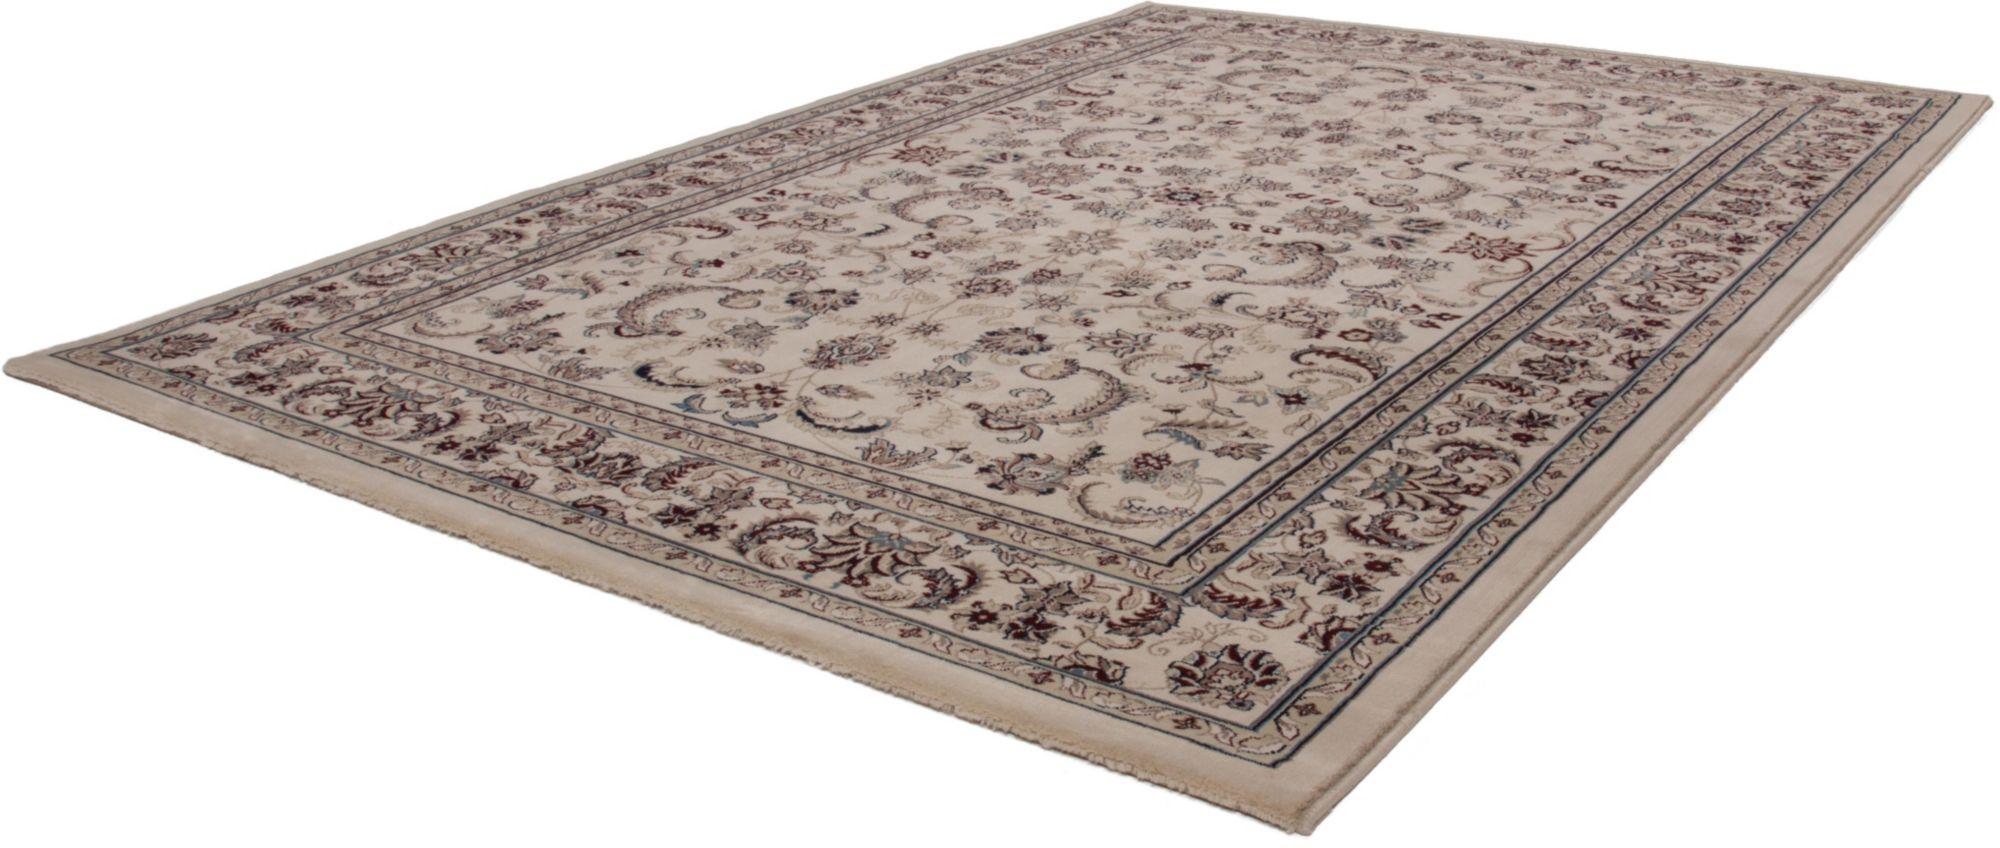 Orientteppich »Mashad 131«, Lalee, rechteckig, Höhe 15 mm, maschinell gewebt